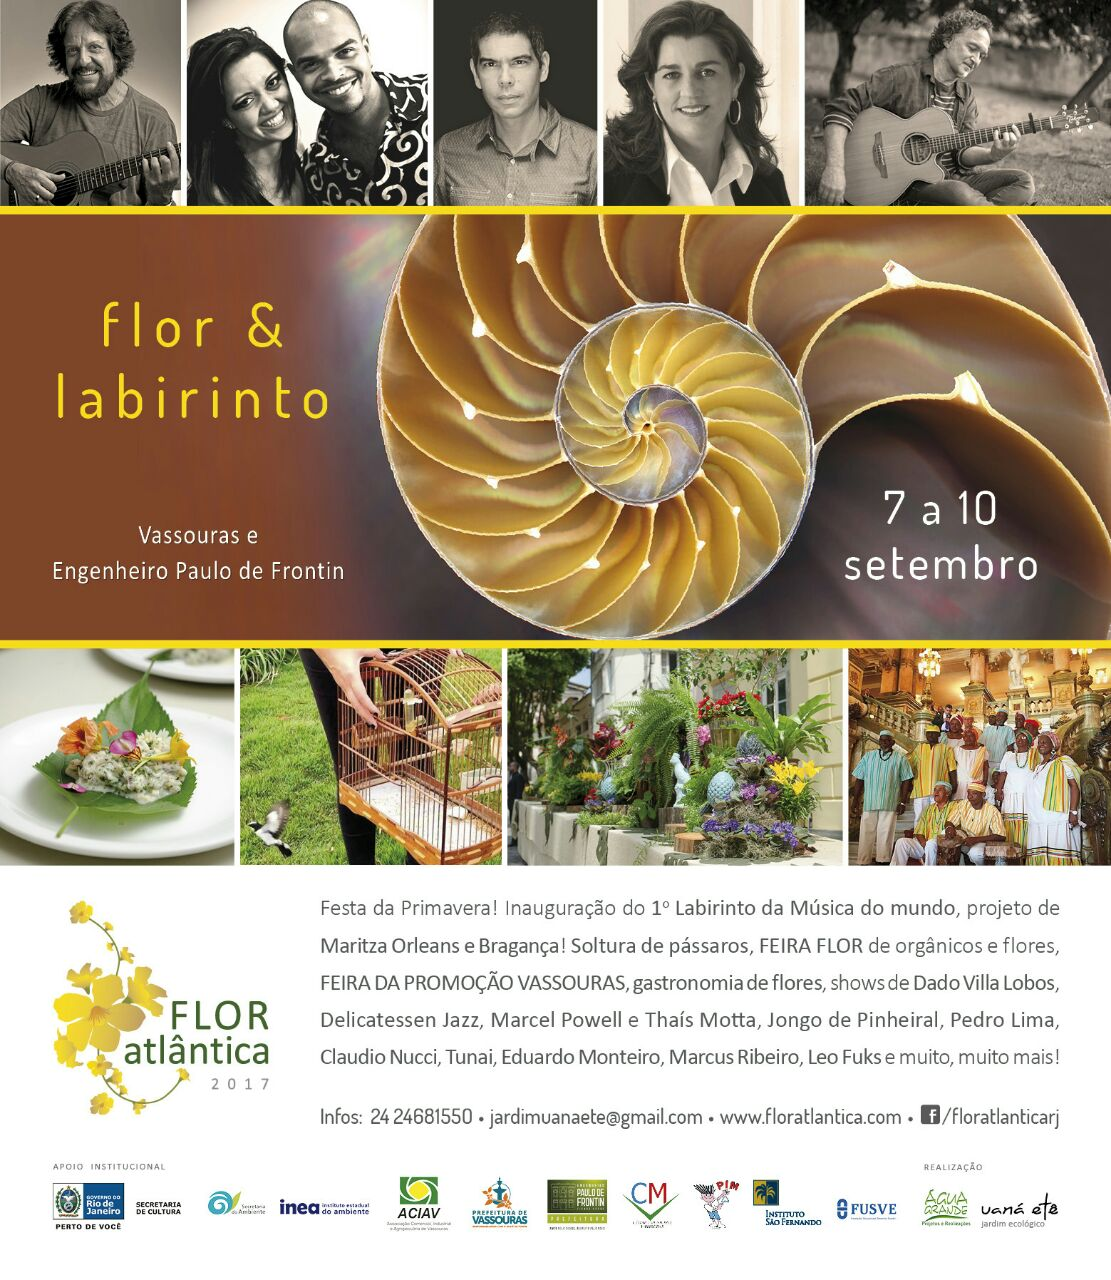 FLOR Atlântica_2017